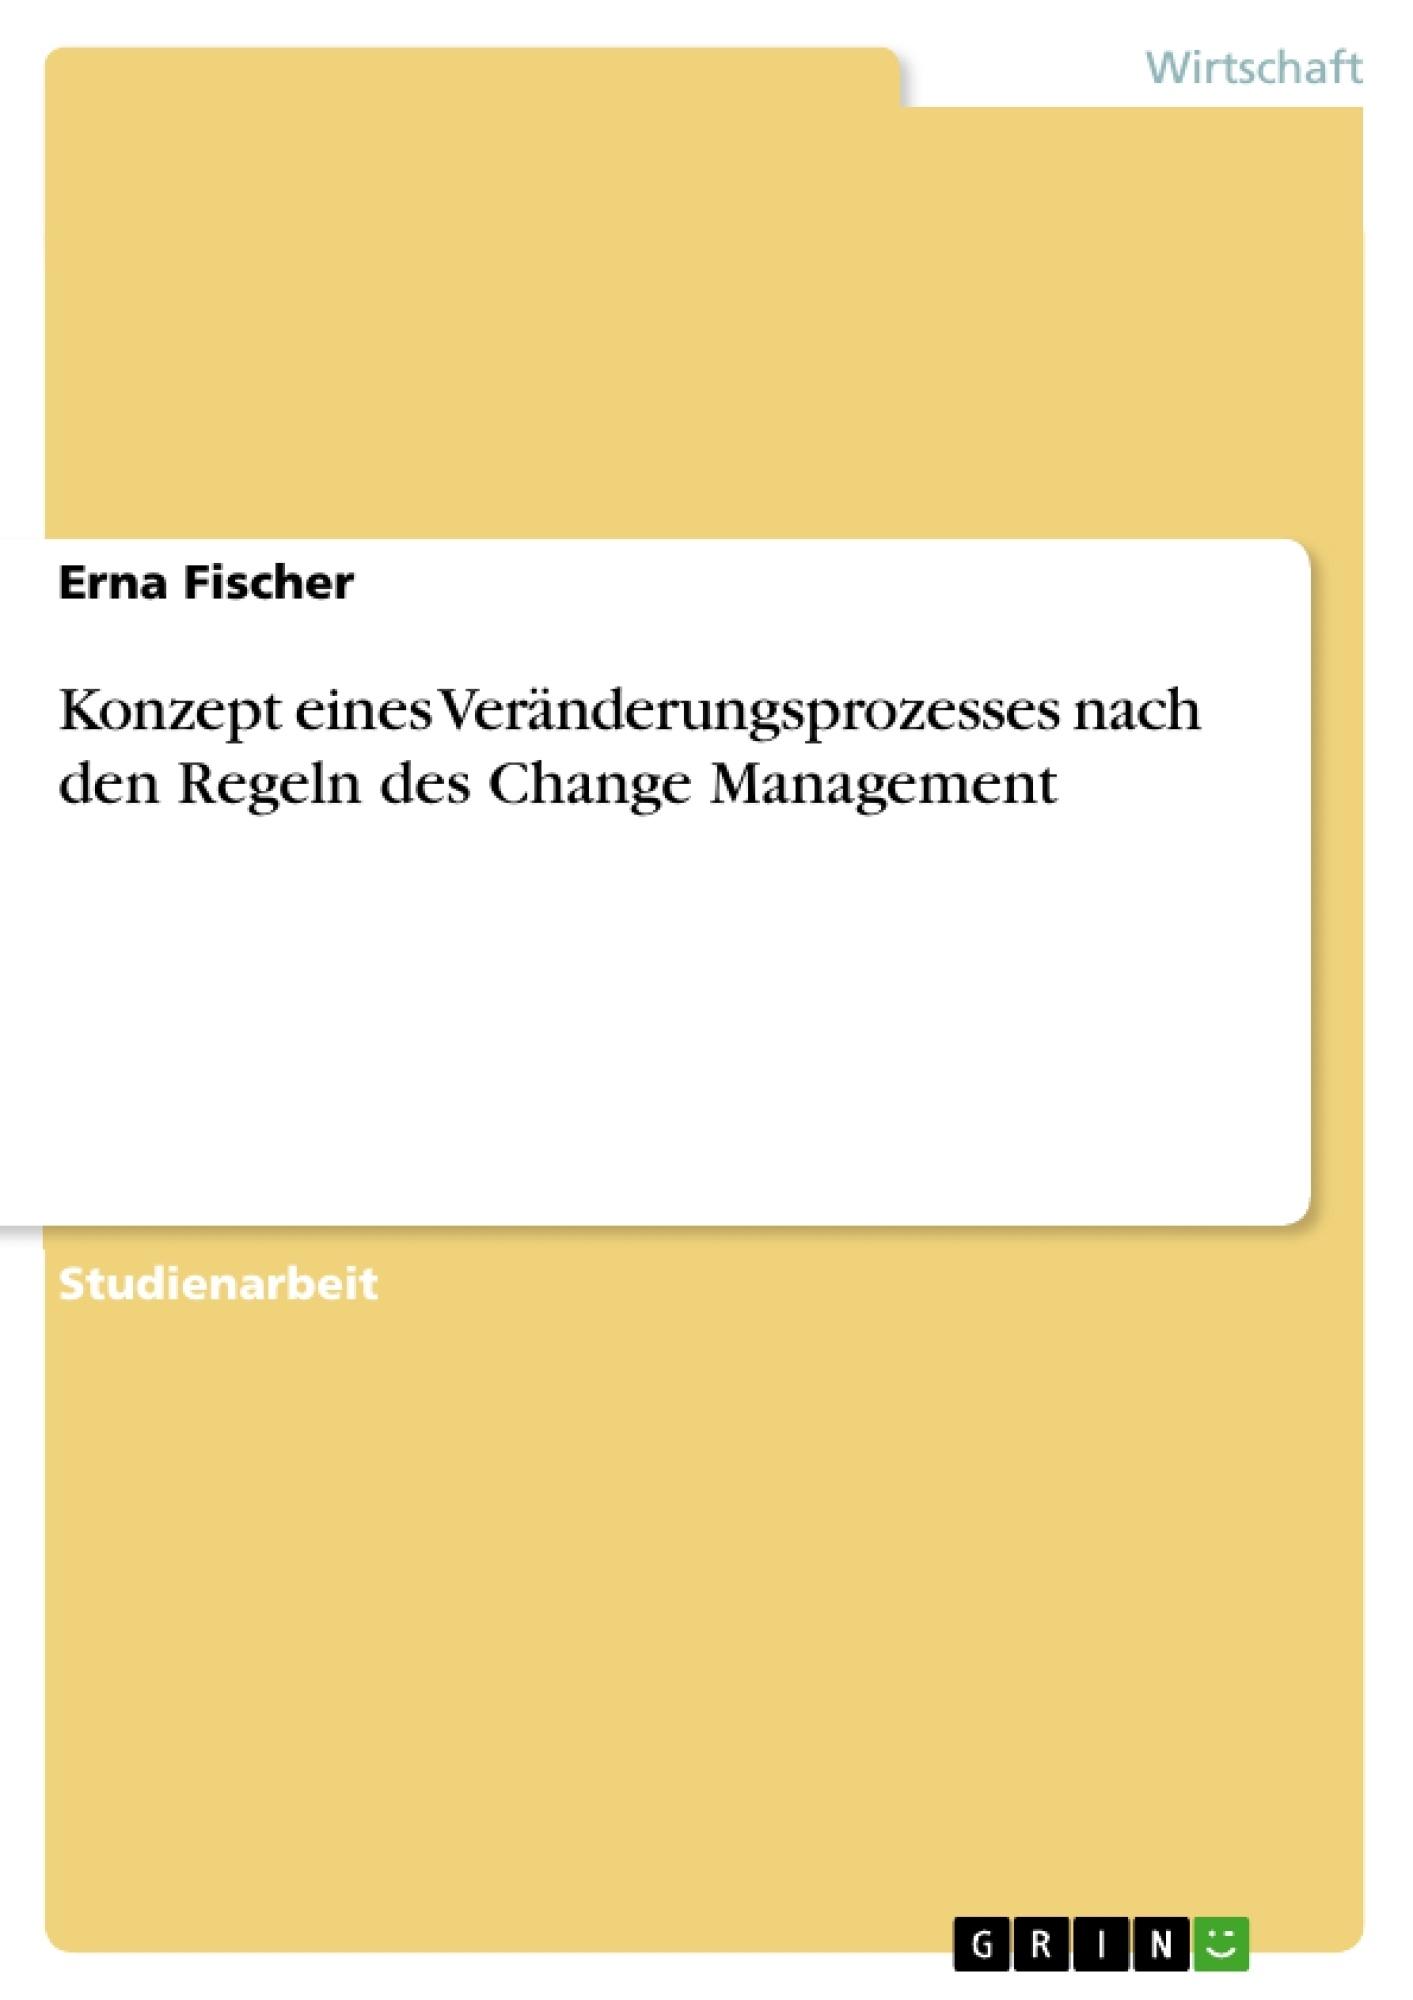 Titel: Konzept eines Veränderungsprozesses nach den Regeln des Change Management